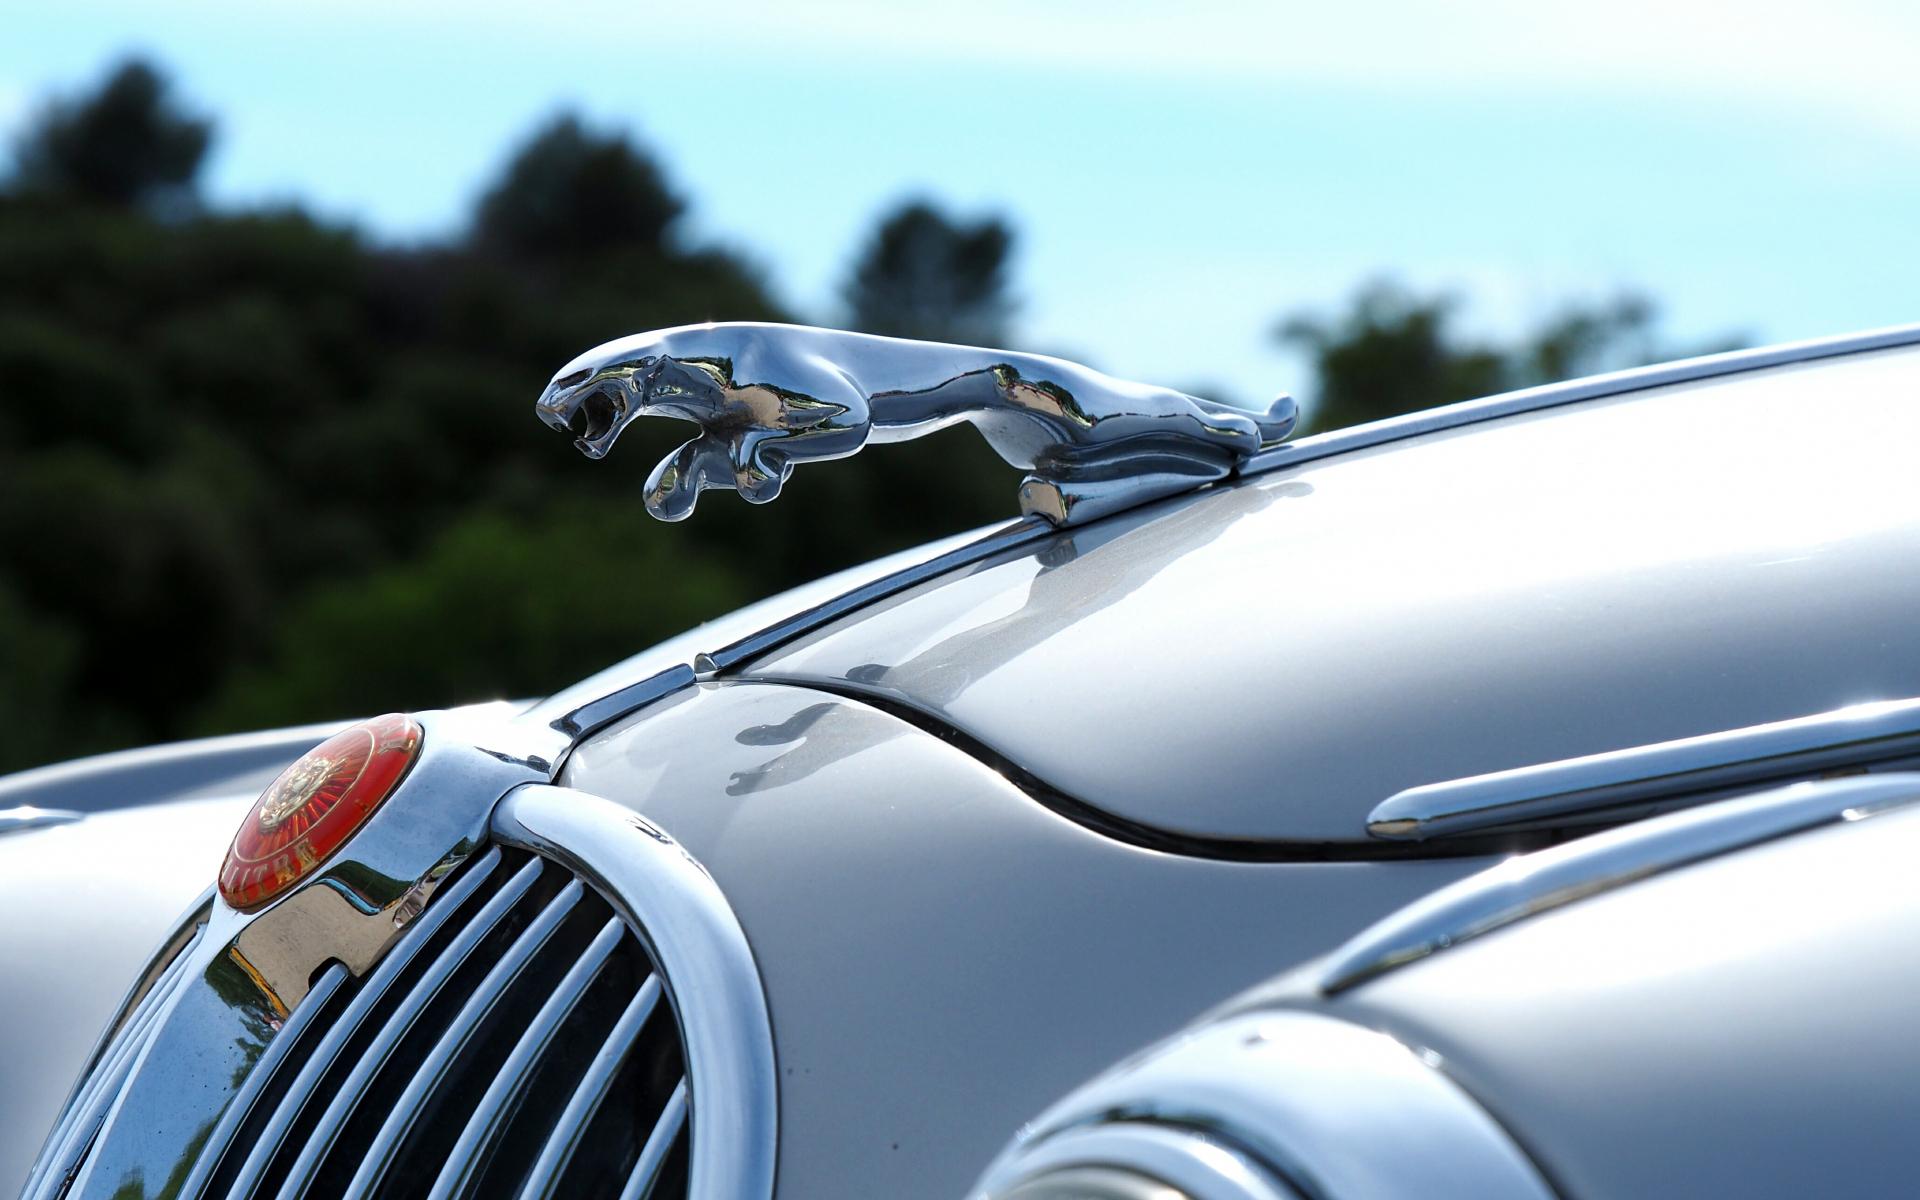 Download 1920x1200 Wallpaper Jaguar Car Logo Car Widescreen 16 10